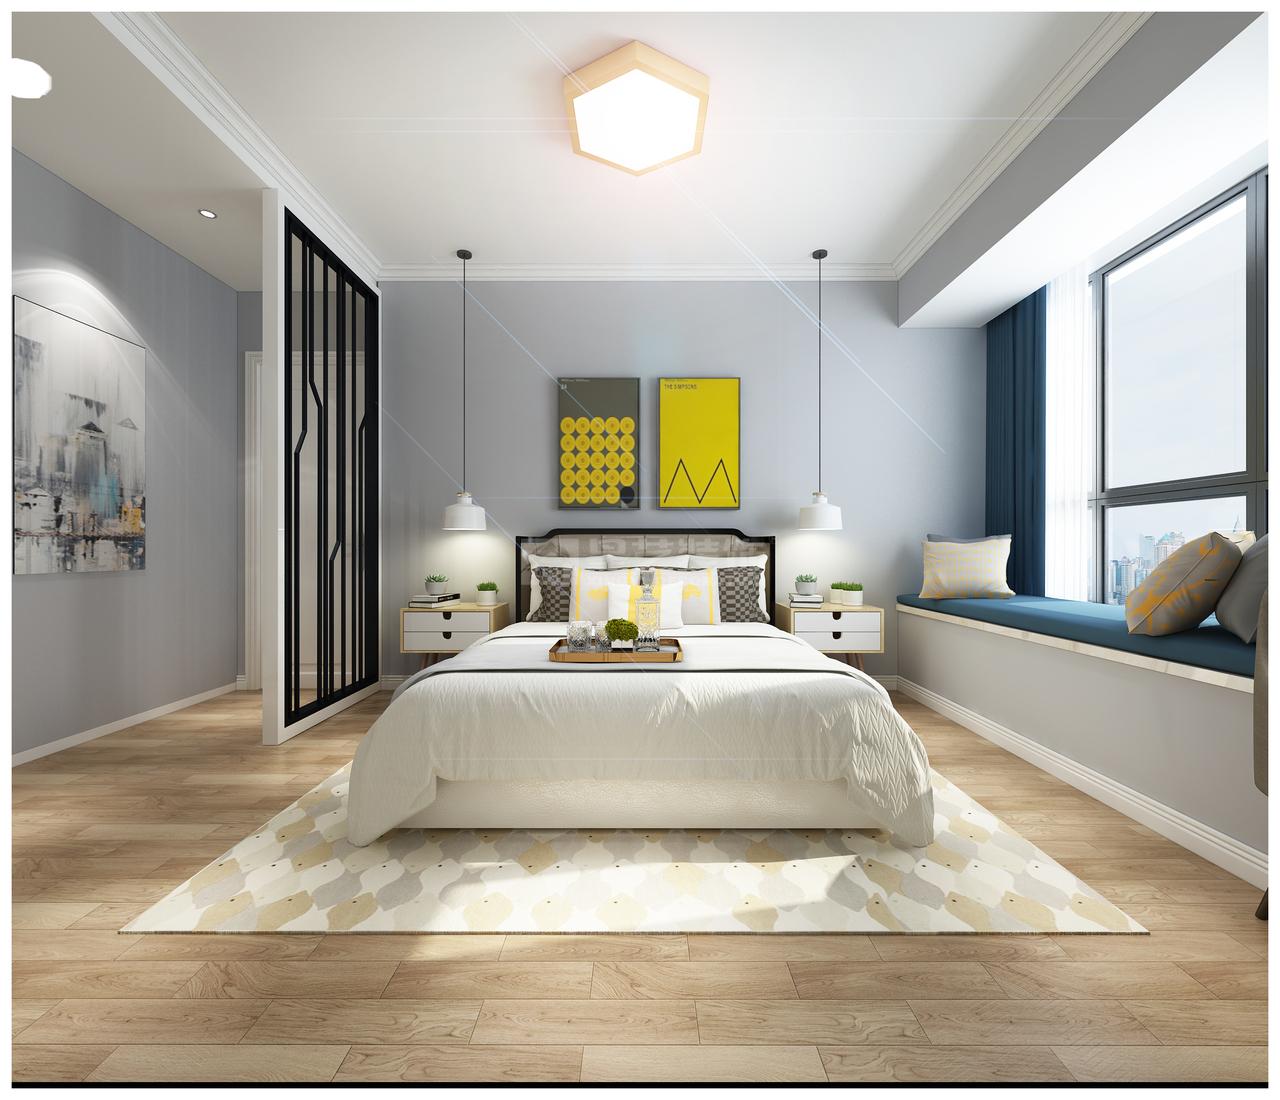 中天未来方舟D现代,现代,单身公寓,123.0㎡